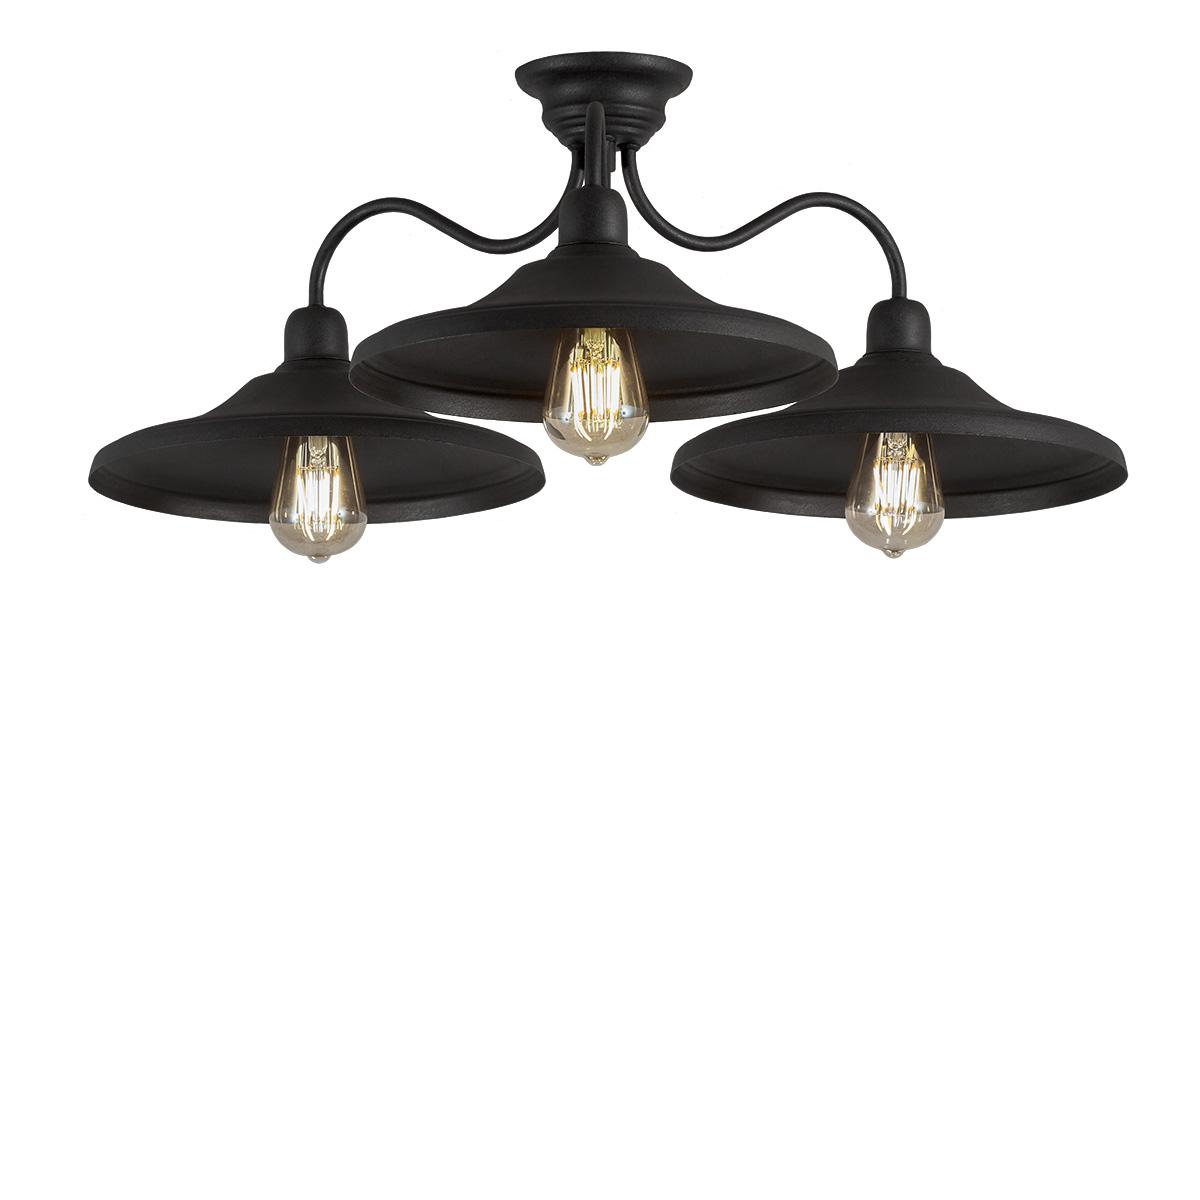 Φωτιστικό οροφής σε πατίνα γραφίτη ΙΟΣ graphite patinated ceiling lamp